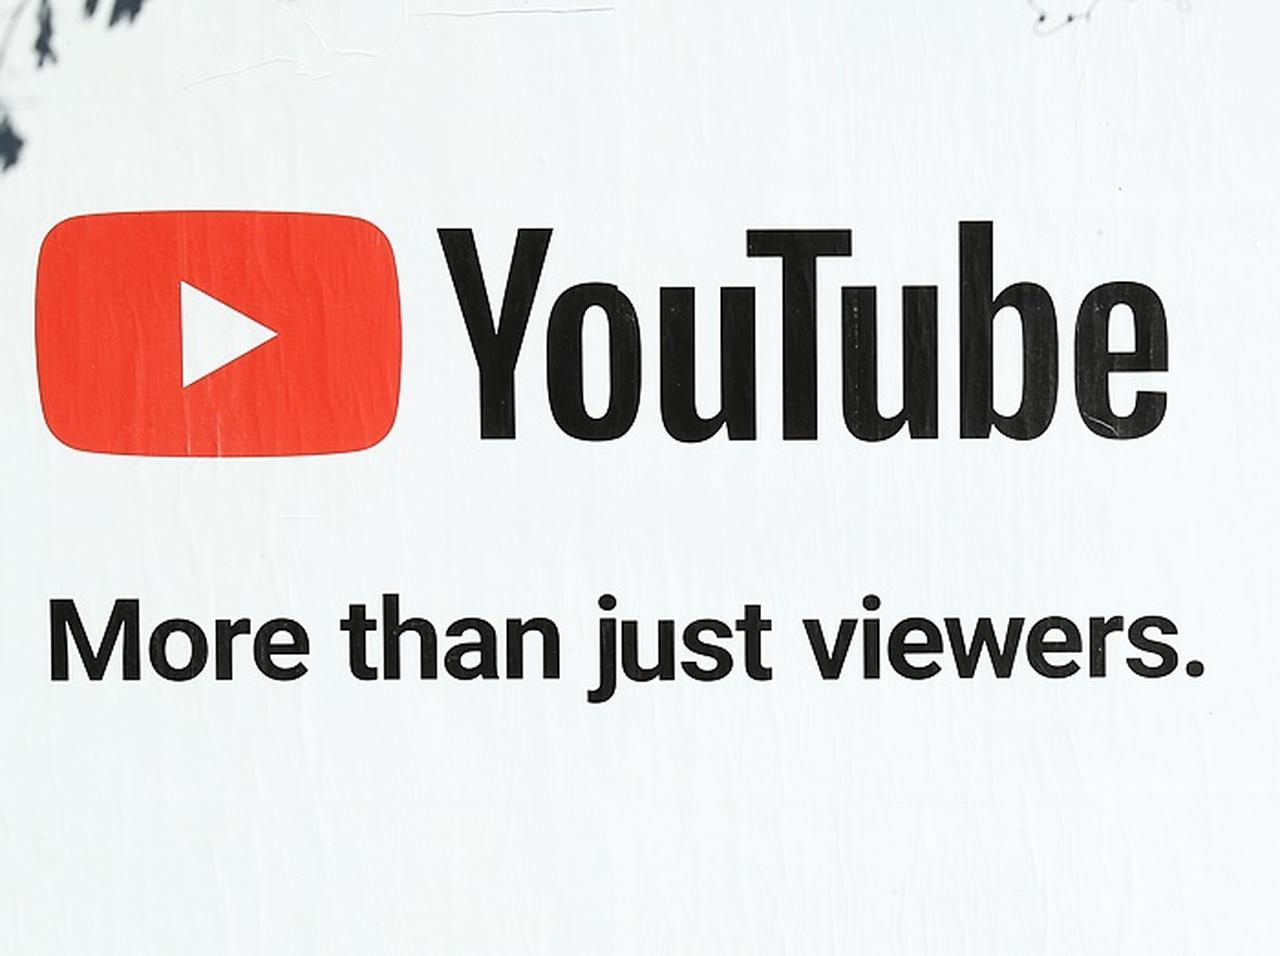 YouTube、しれっと「無料で」アレが見られるようになっていた